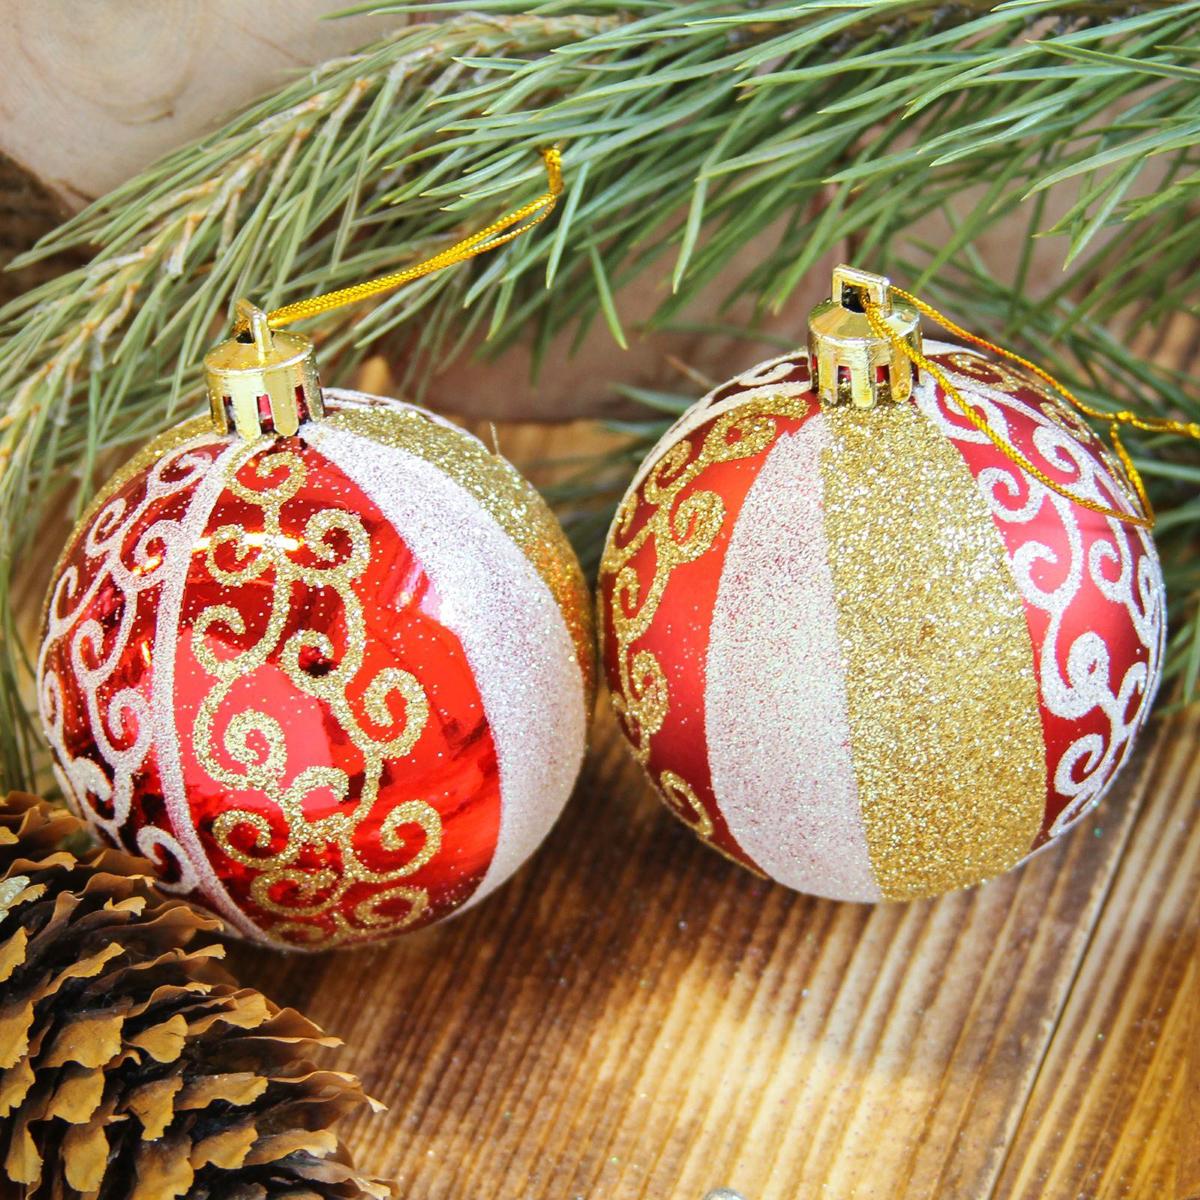 Набор новогодних подвесных украшений Sima-land Новогодние кружева, цвет: красный, диаметр 6 см, 8 шт свеча ароматизированная sima land лимон на подставке высота 6 см